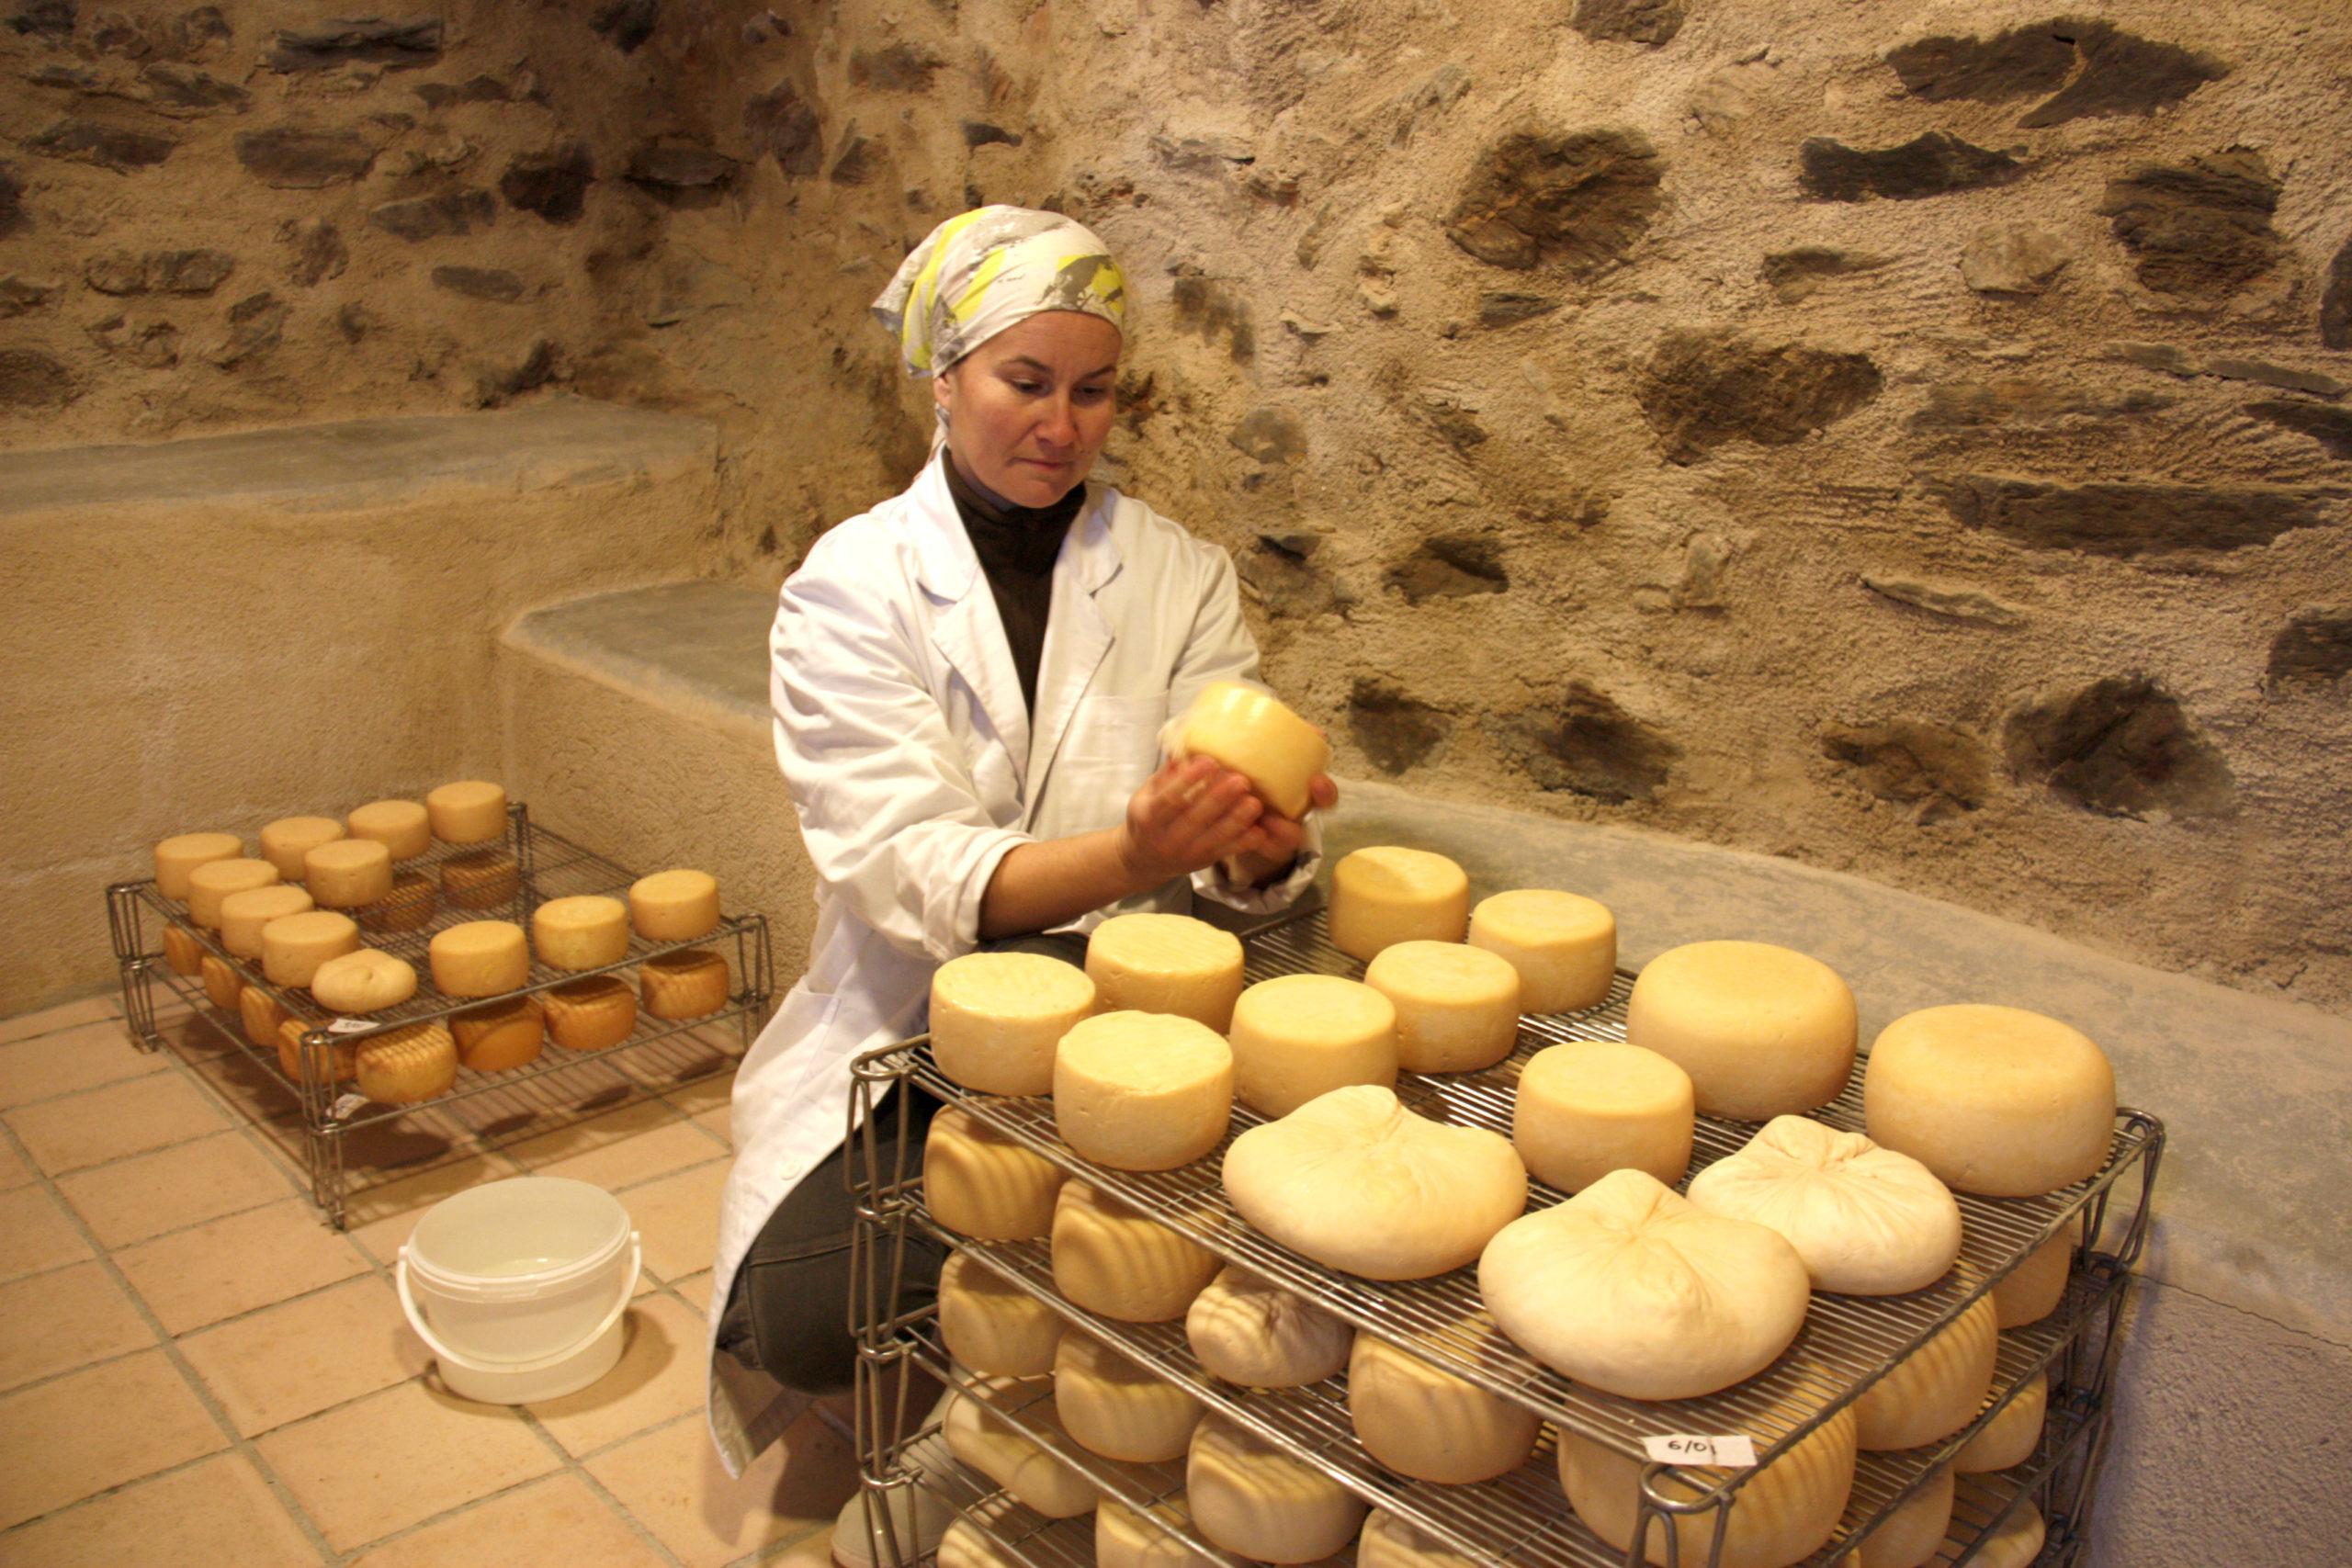 La Sara Gutiérrez, rentant formatges que estan madurant molt a prop del seu ramat de cabres a Éller, a Bellver de Cerdanya   ACN